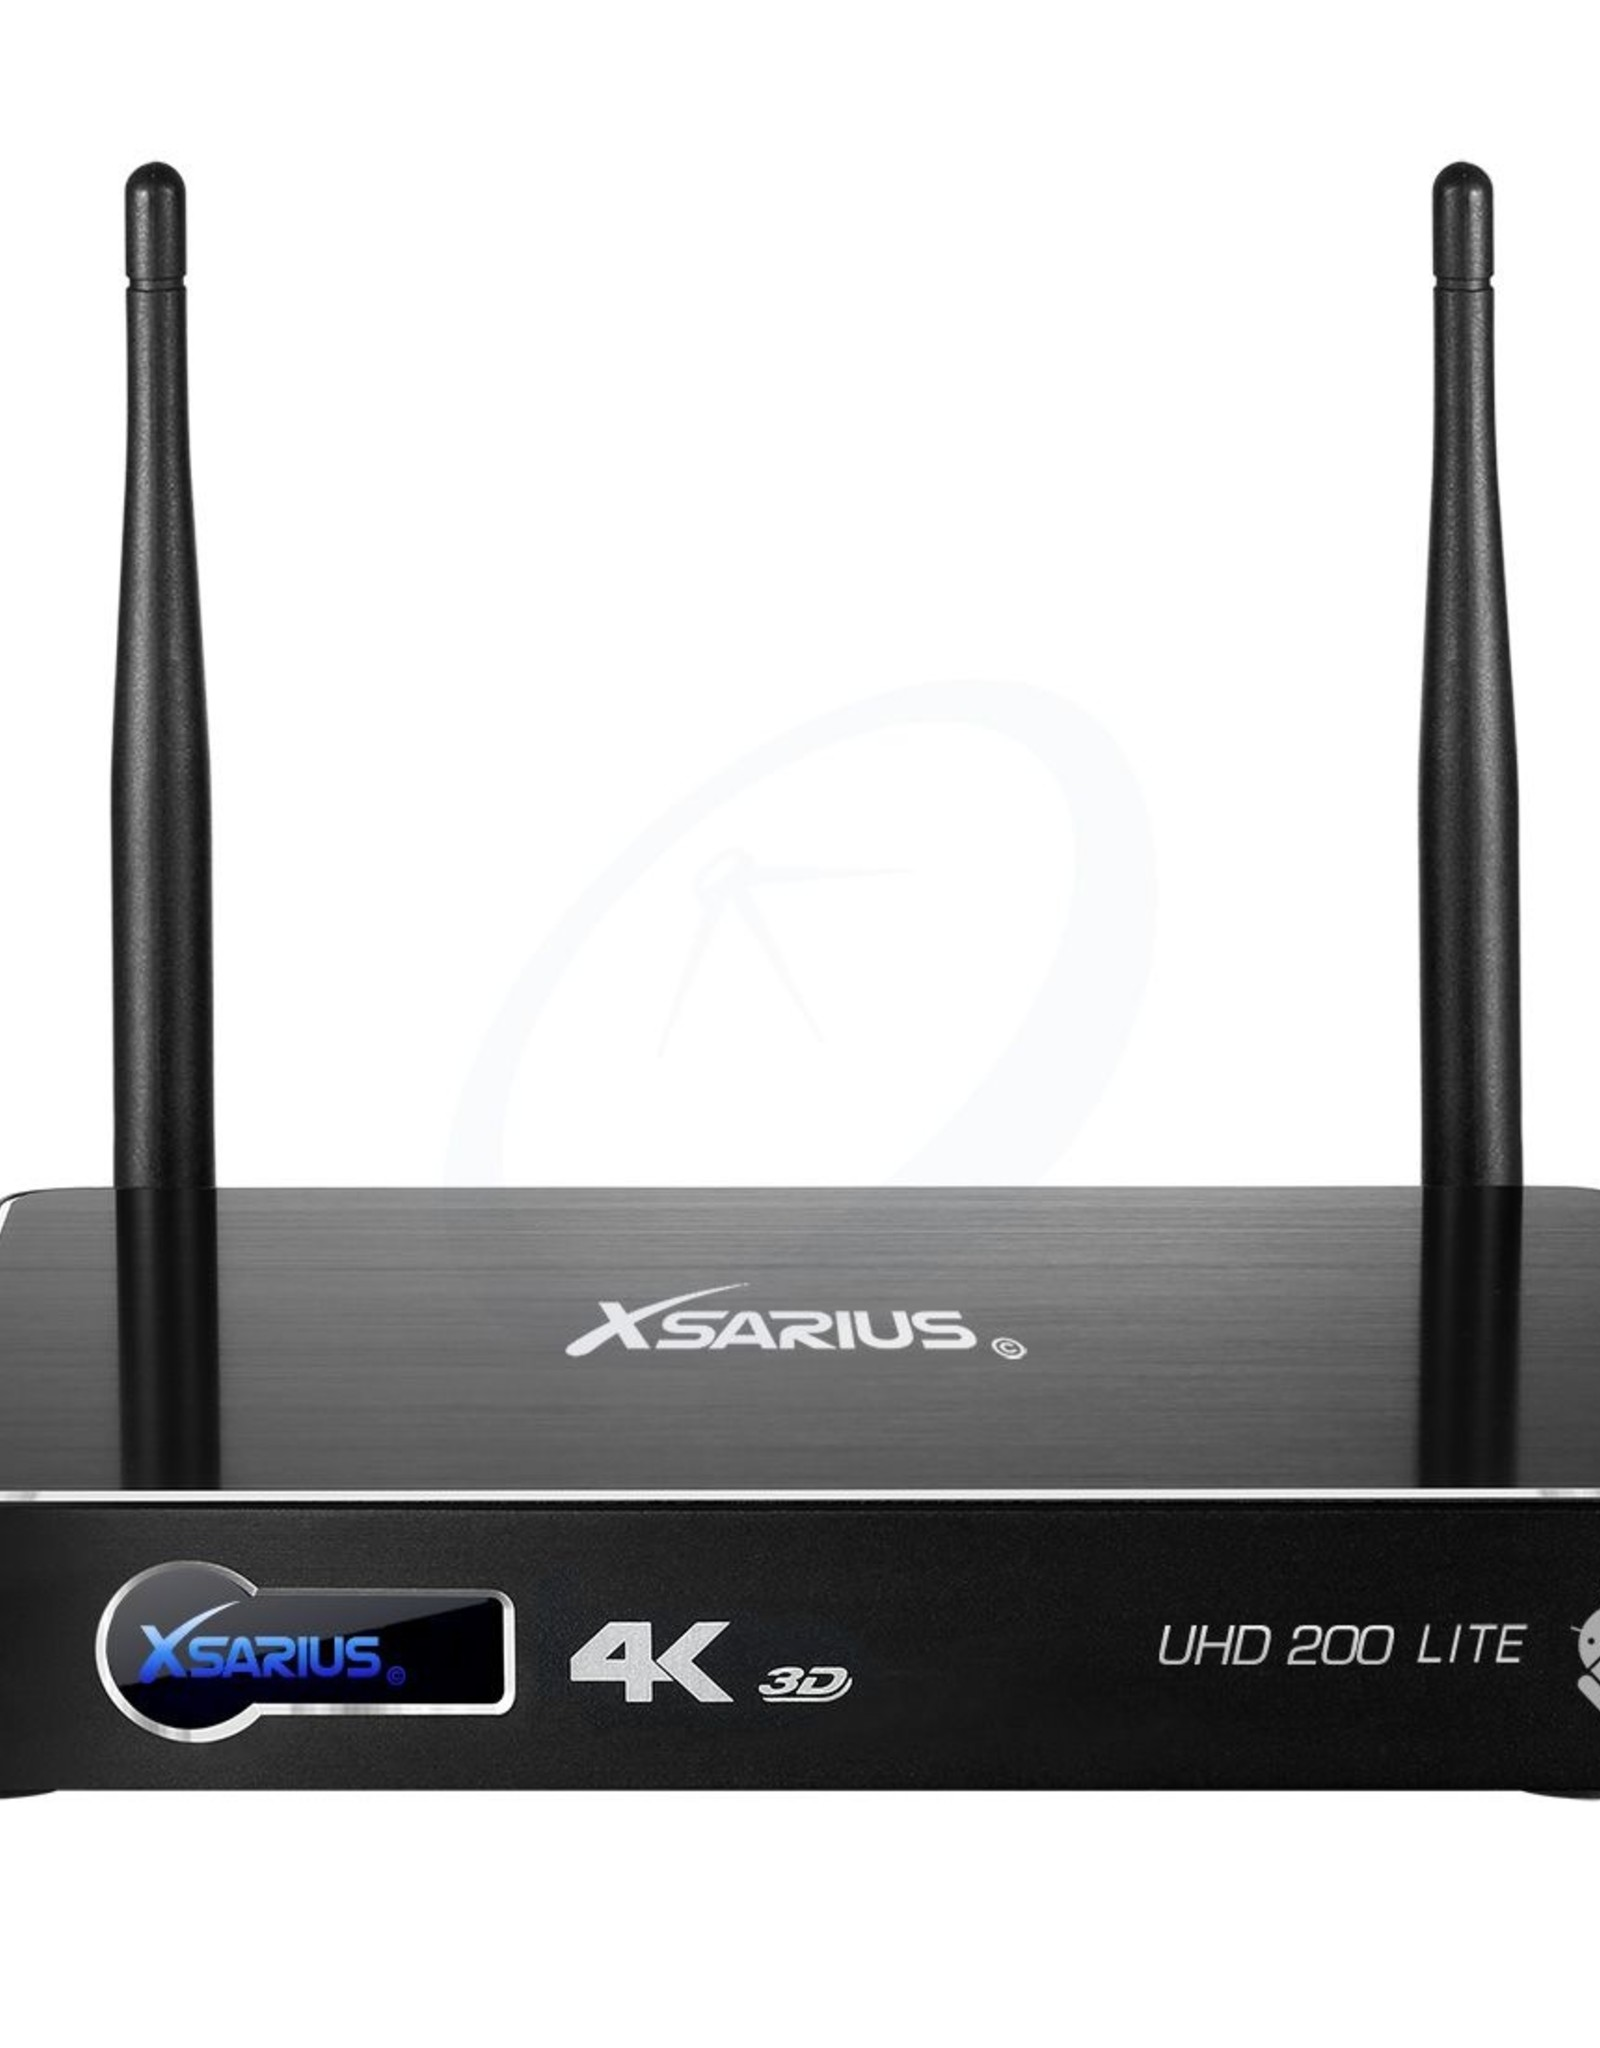 Xsarius Xsarius  media player  UHD200  Lite